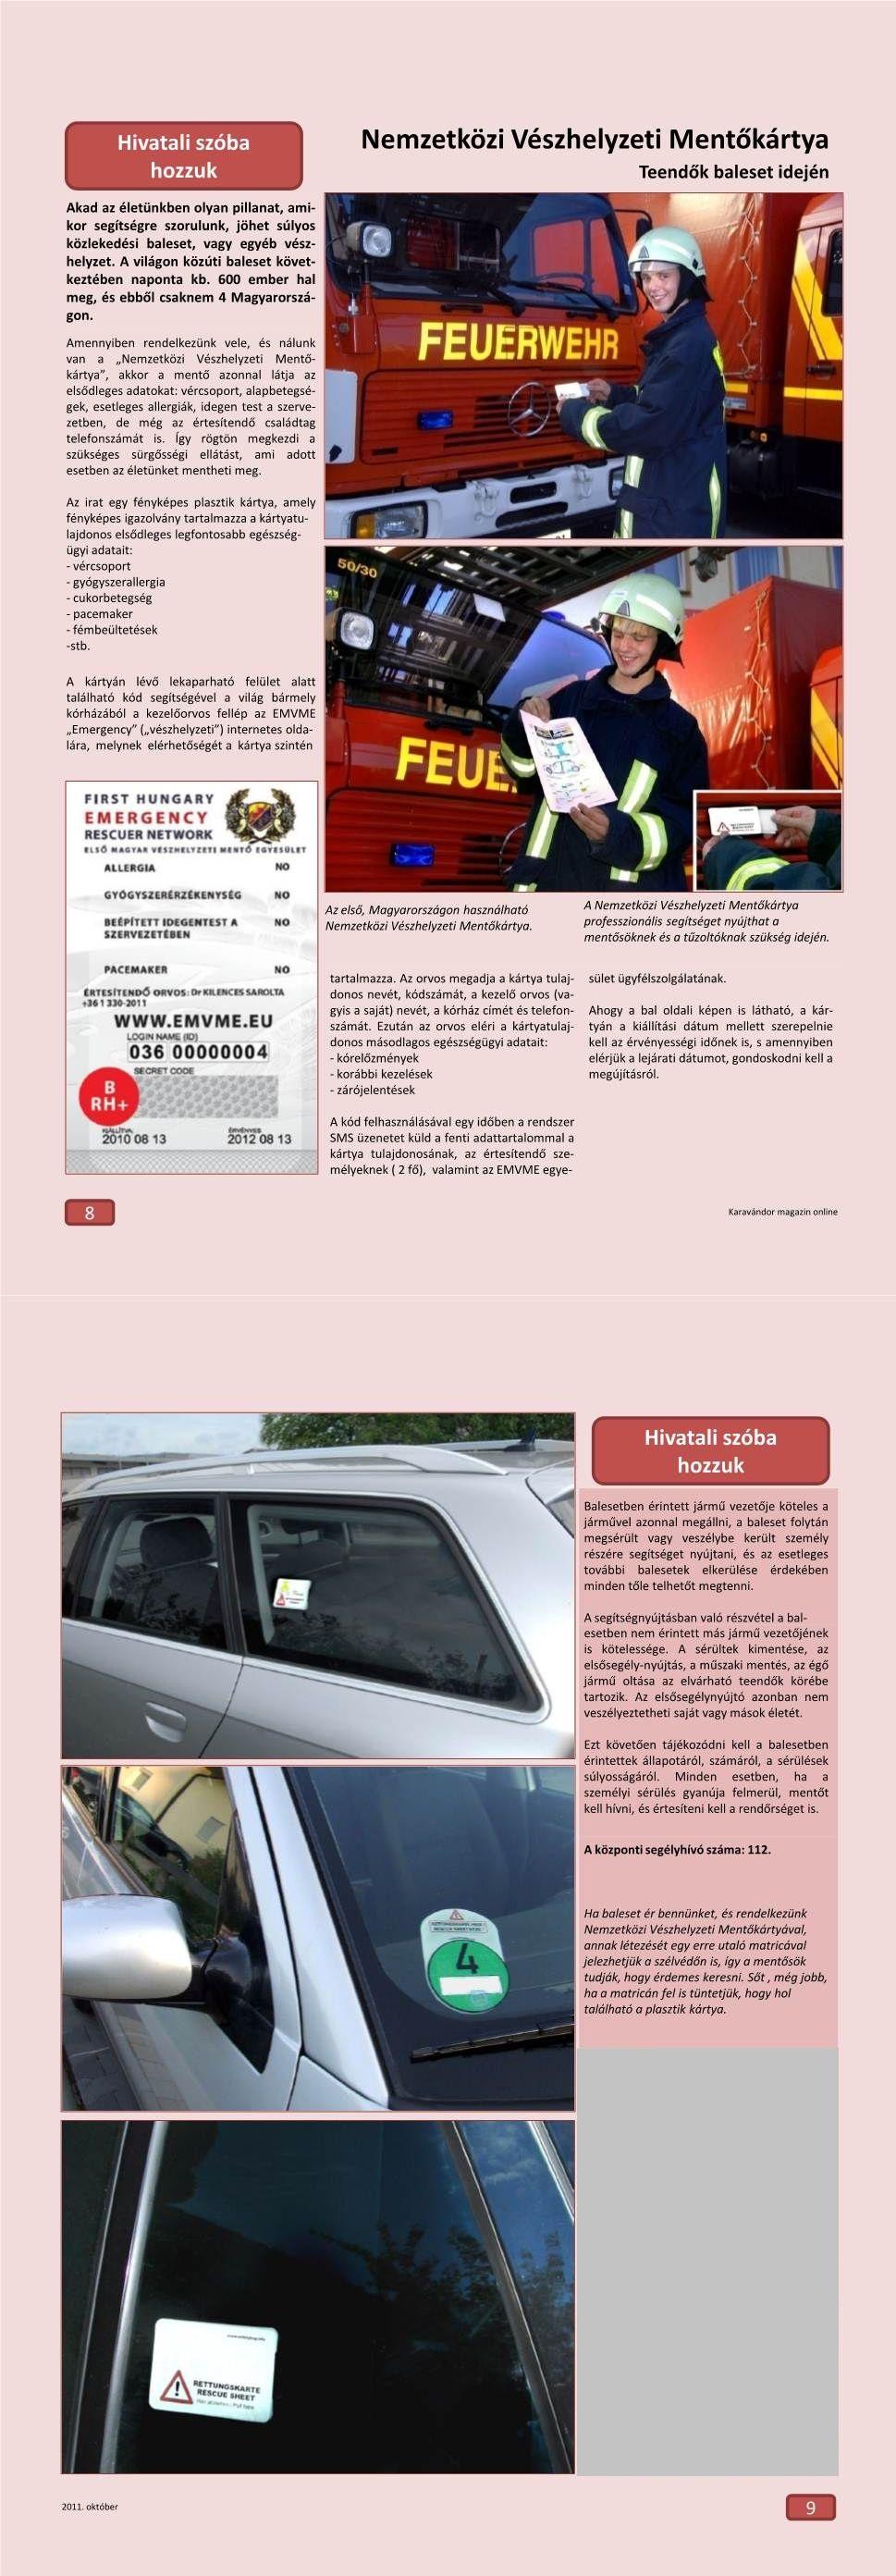 Hivatali szóba hozzuk - Nemzetközi Vészhelyzeti Mentőkártya